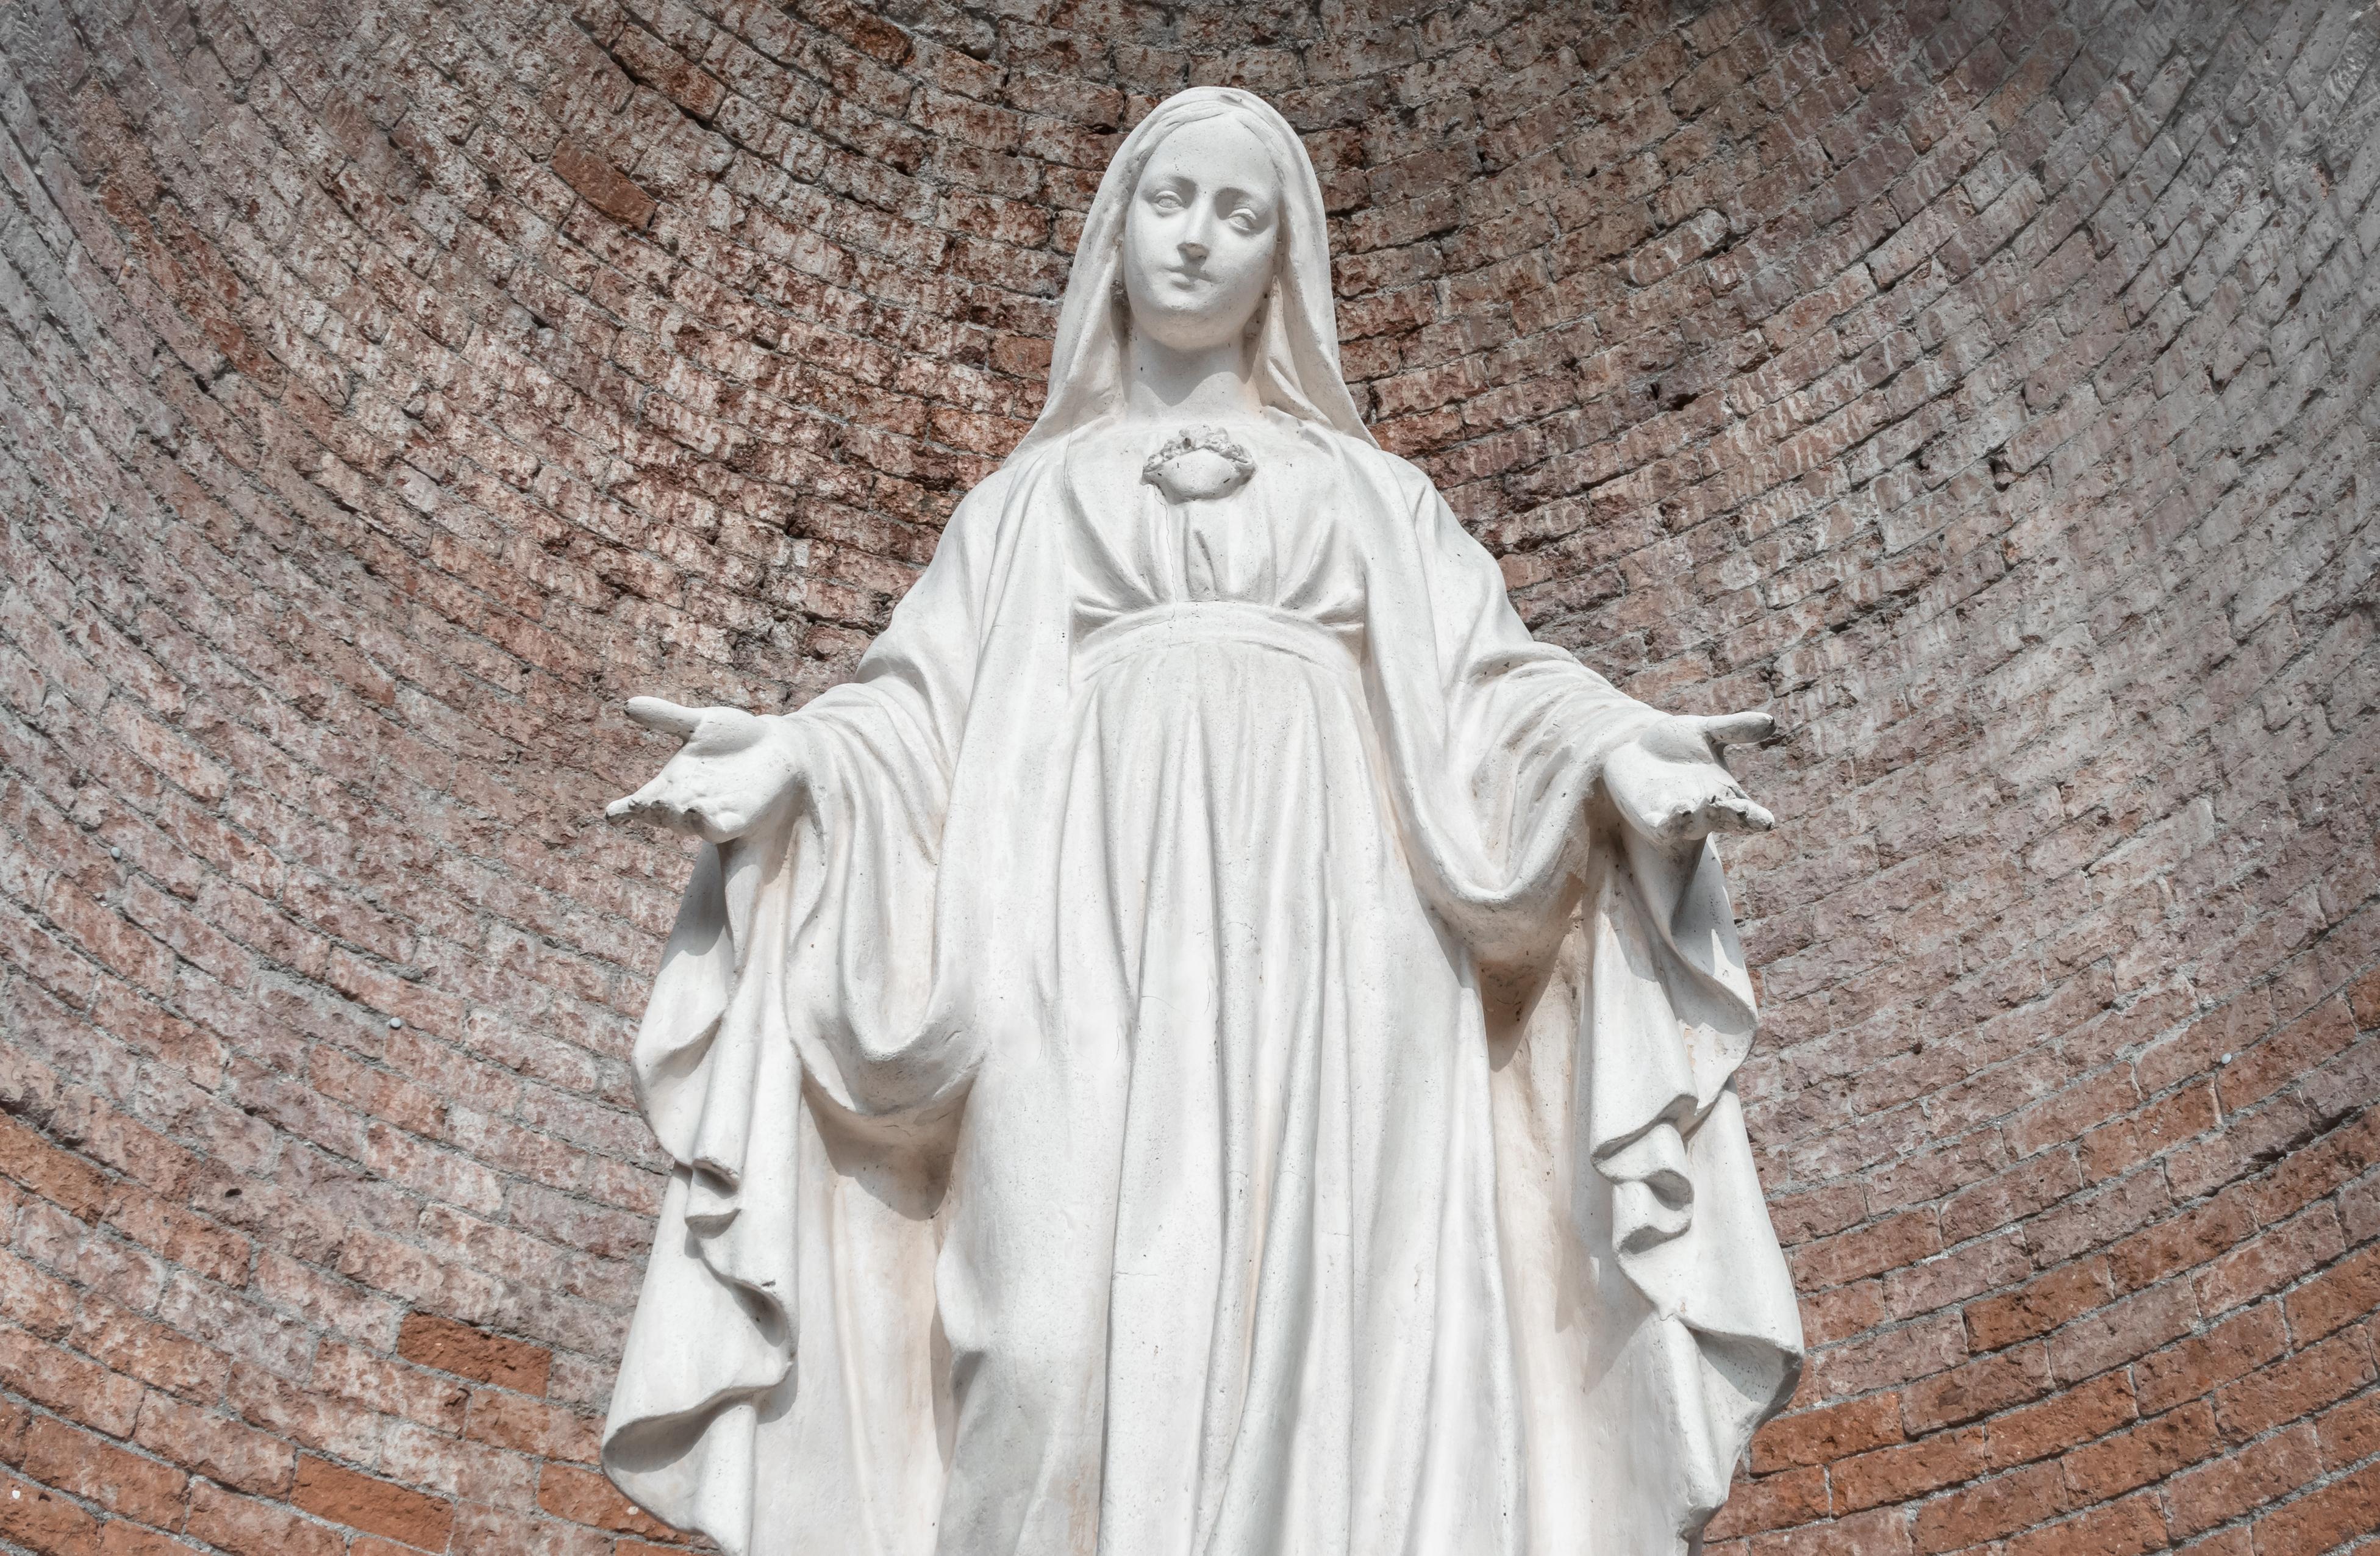 <p>На 25 март отбелязваме Благовещение, един от големите пролетни празници. Той е част от Великденския празничен цикъл. Благовещение e празник за всички християни, независимо от традицията и църквата, към която принадлежат. Според Библията на този ден Архангел Гавраил донася на Дева Мария благата вест, че тя ще роди Спасителя на човечеството, сина Божий Иисус Христос.</p>